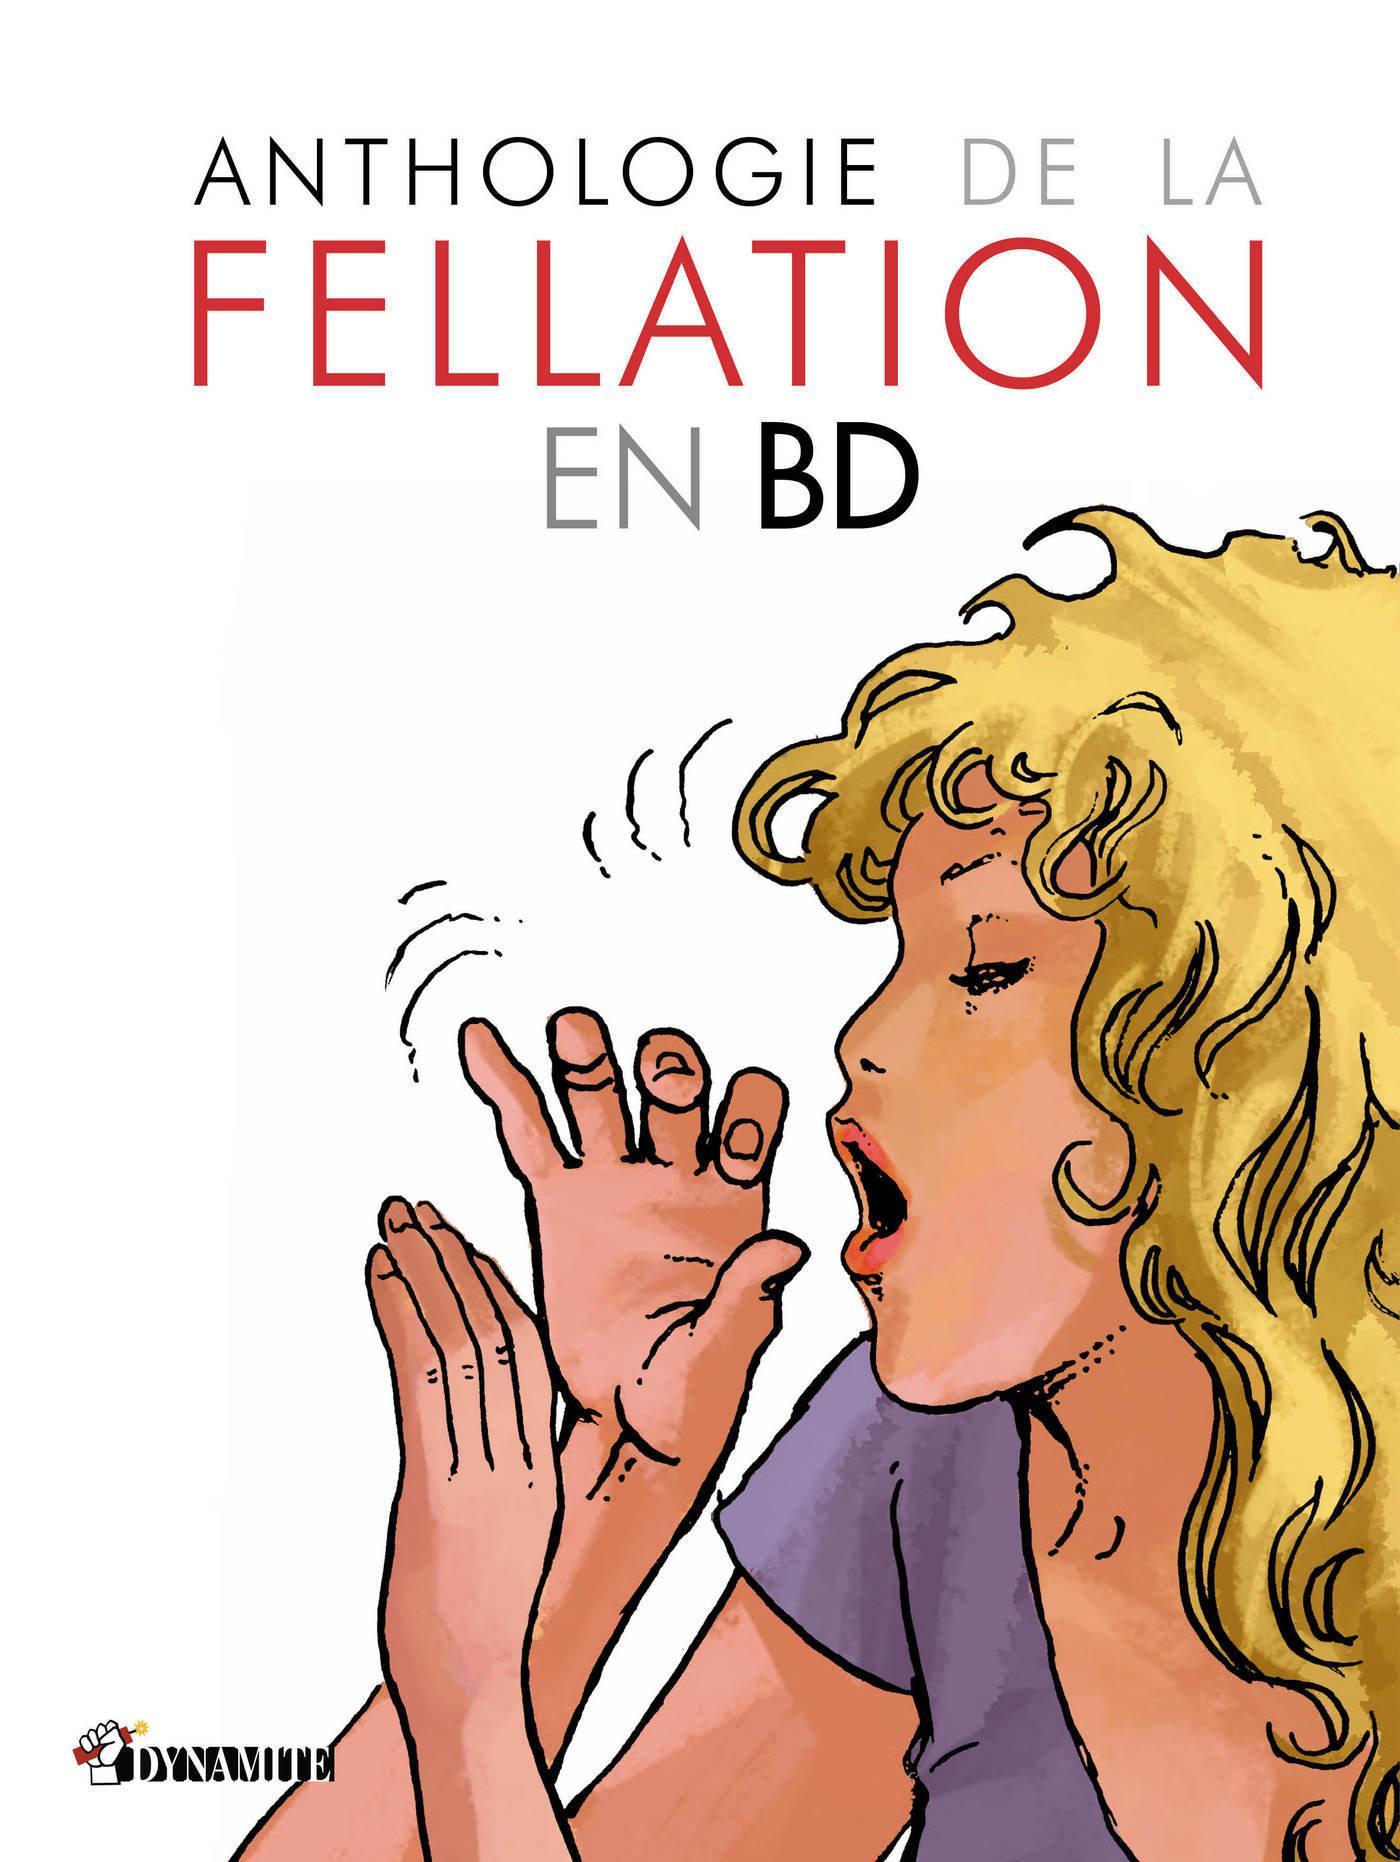 Anthologie de la fellation en bande dessinée